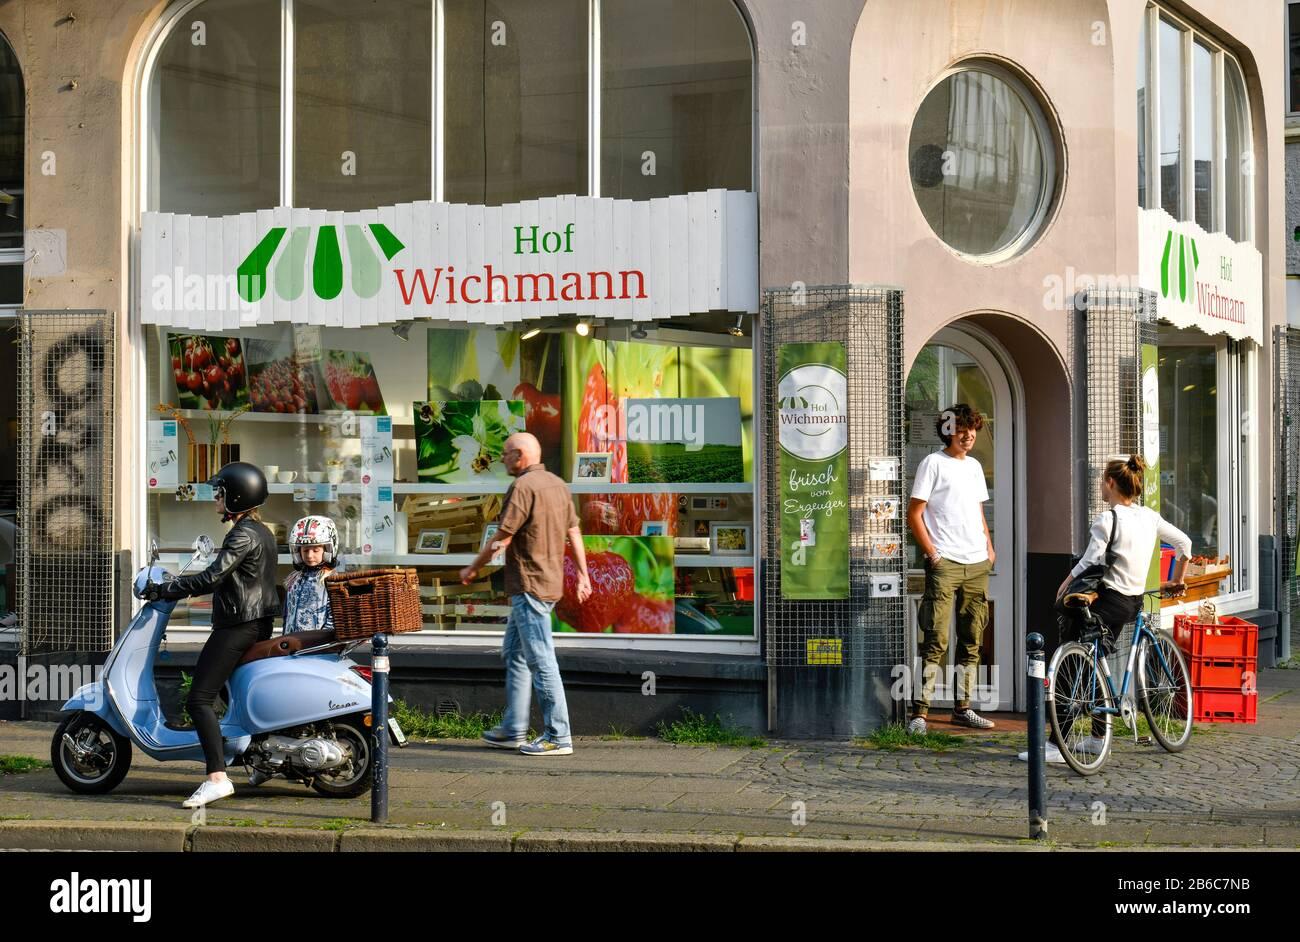 Straßenszene, Bioladen Hof Wichmann, Ostertorsteinweg, Ostertor, Bremen, Deutschland Stock Photo